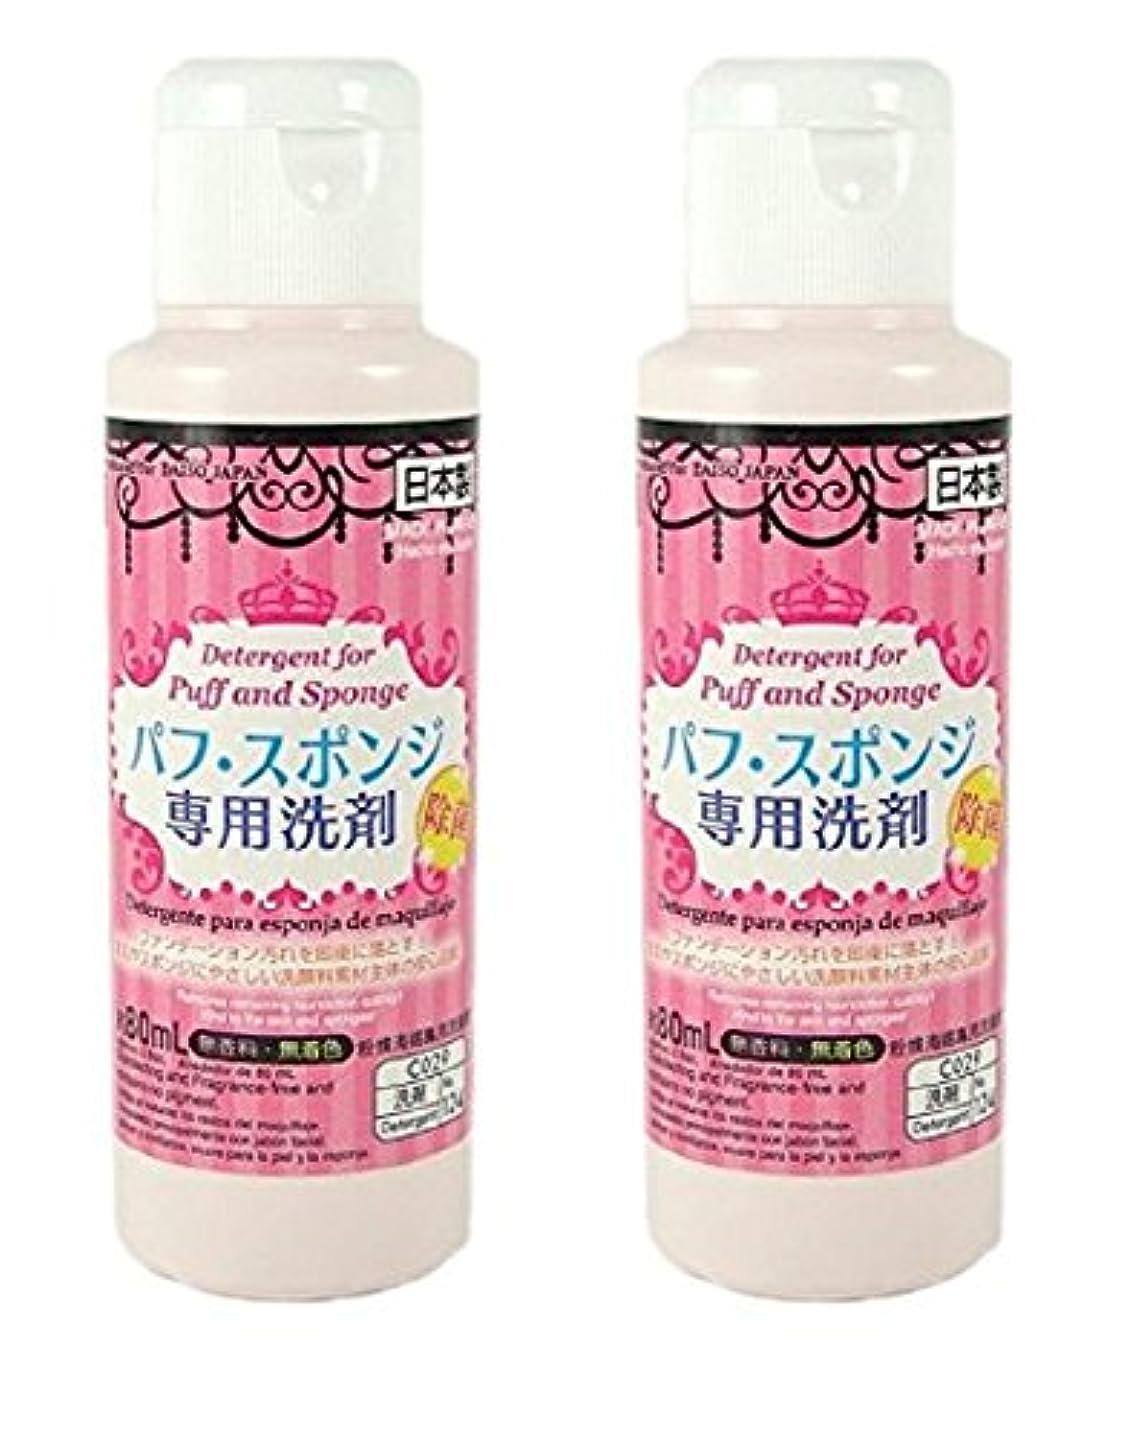 伝える委員会特徴【2本セット】パフ?スポンジ専用洗剤